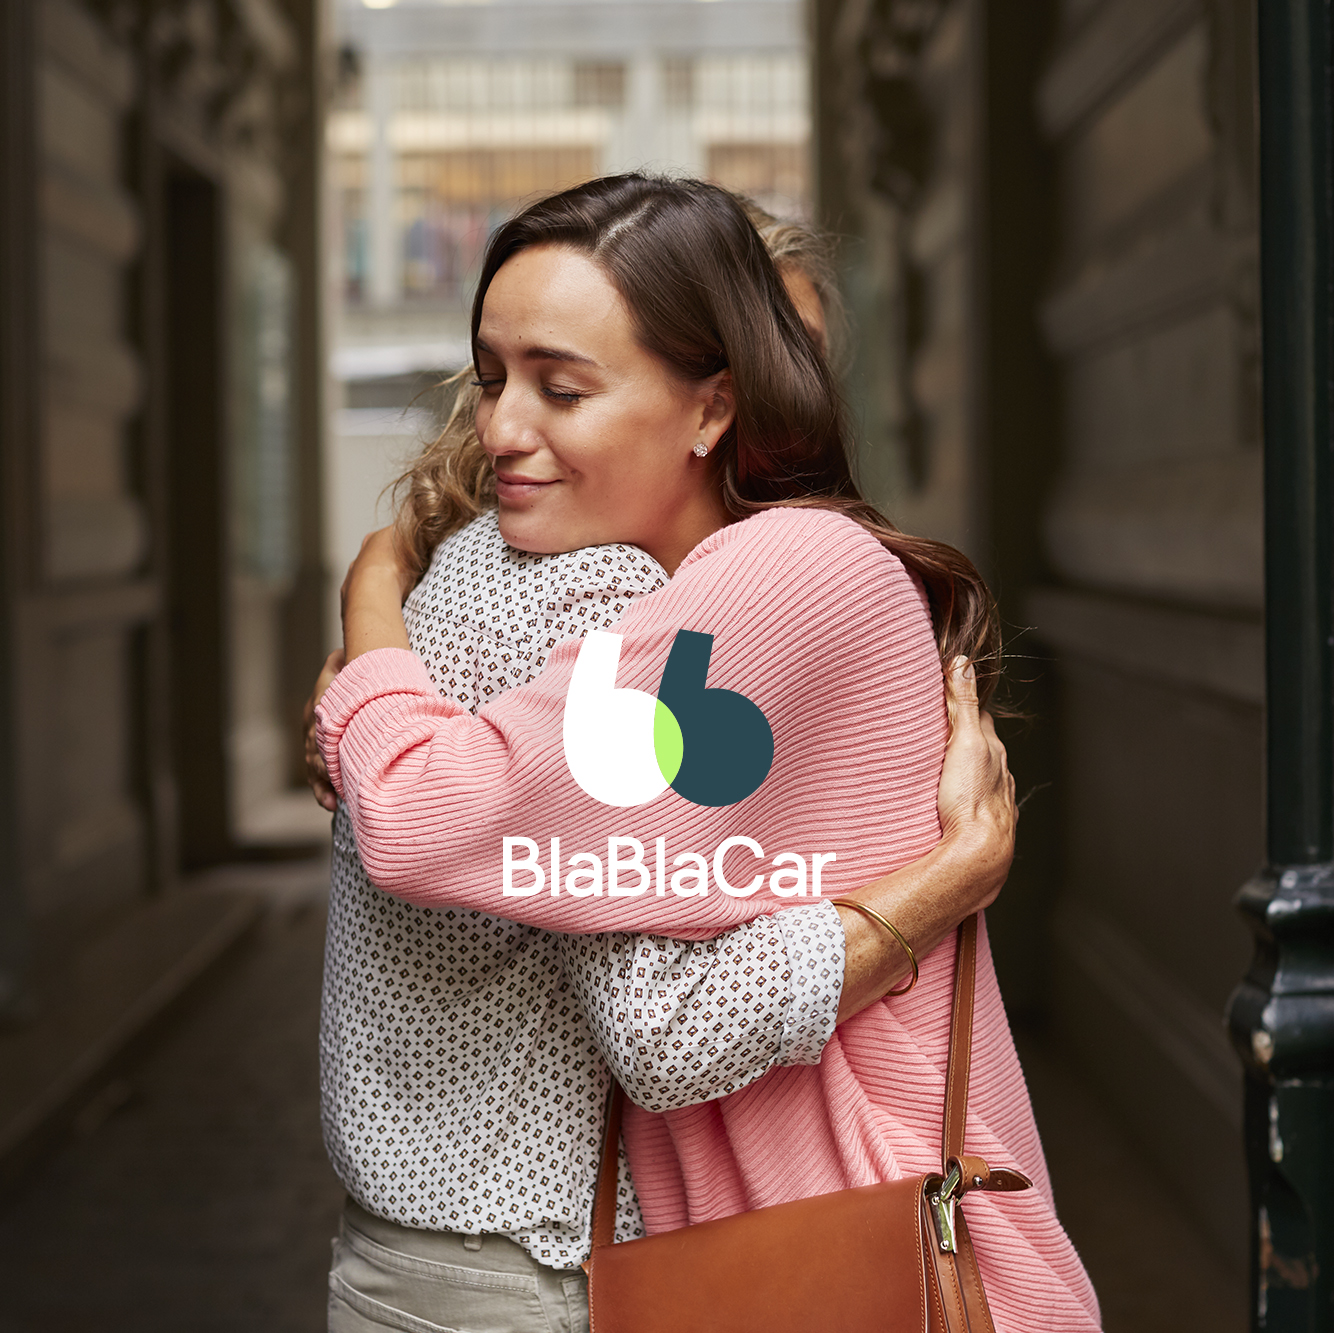 BlaBlaCar anuncia globalmente nova ferramenta de busca, logotipo e identidade visual